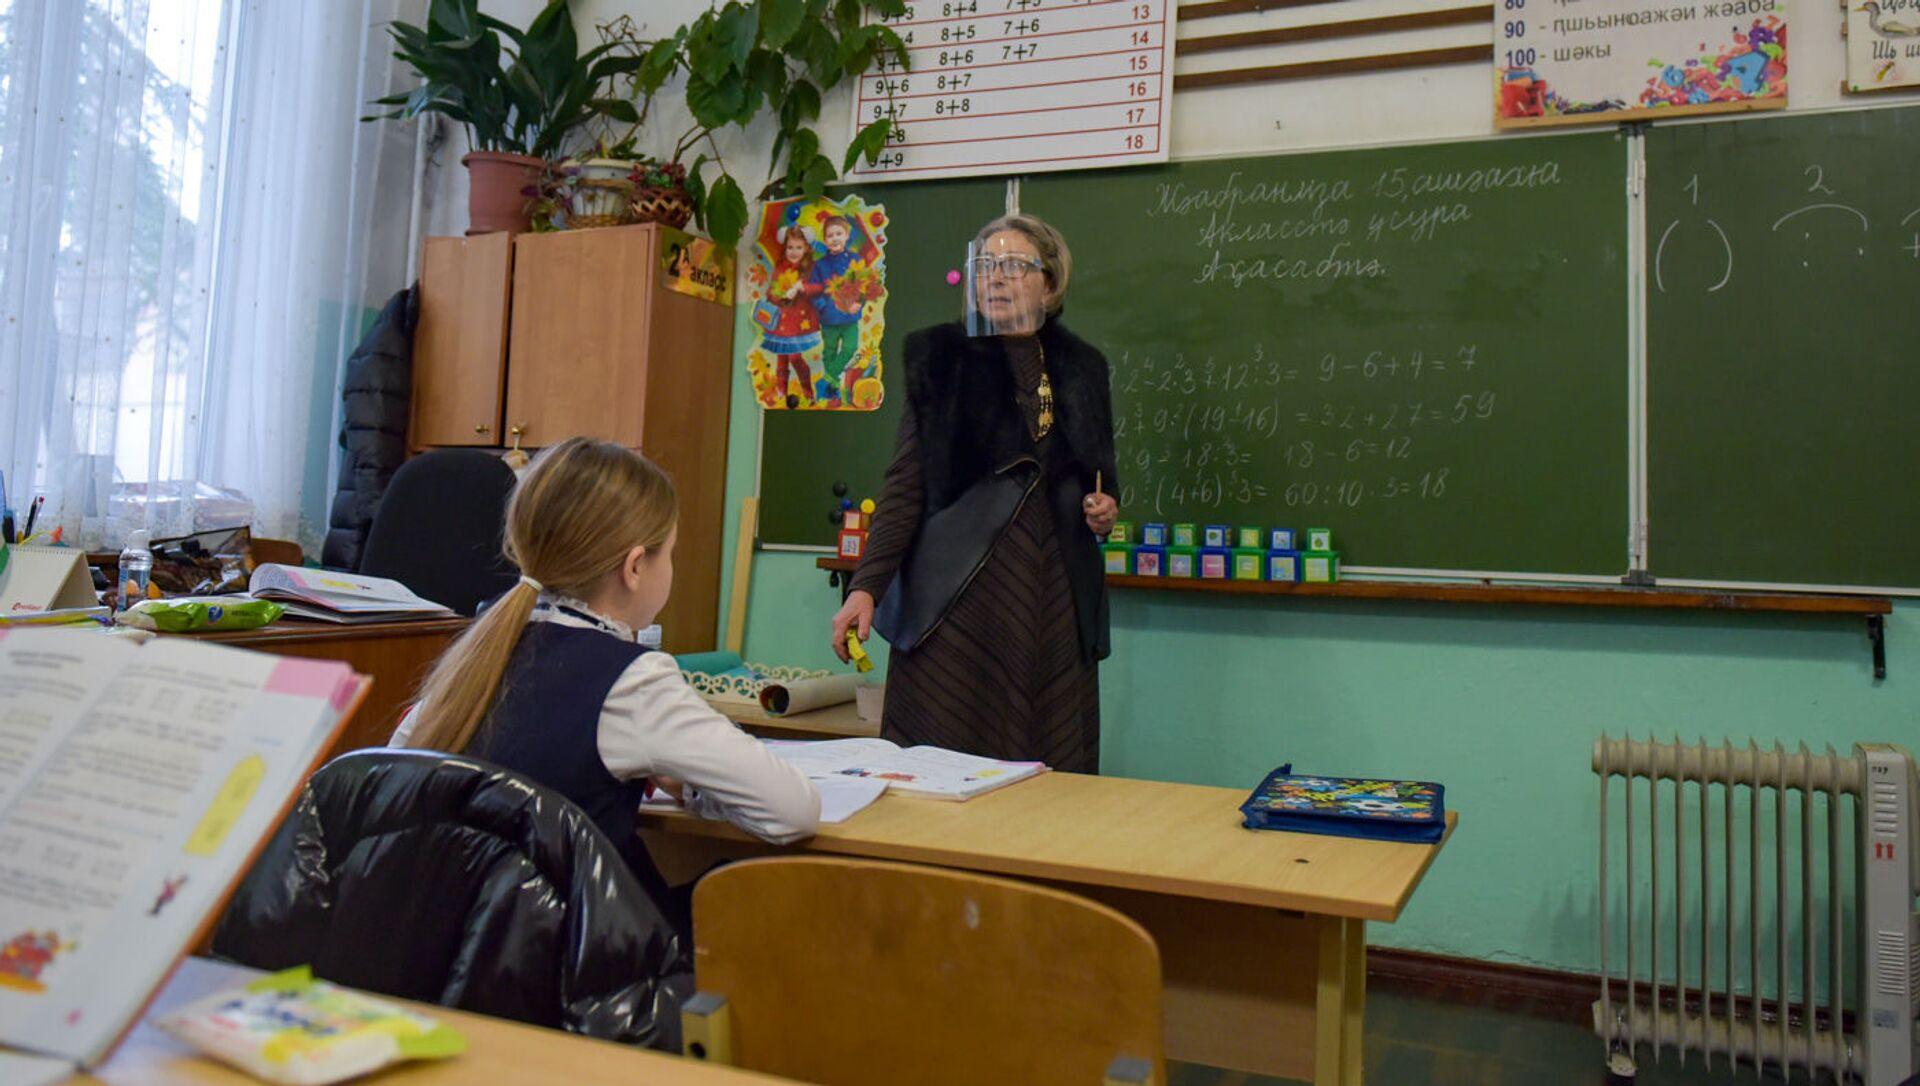 Открытие школ после карантина  - Sputnik Аҧсны, 1920, 22.02.2021